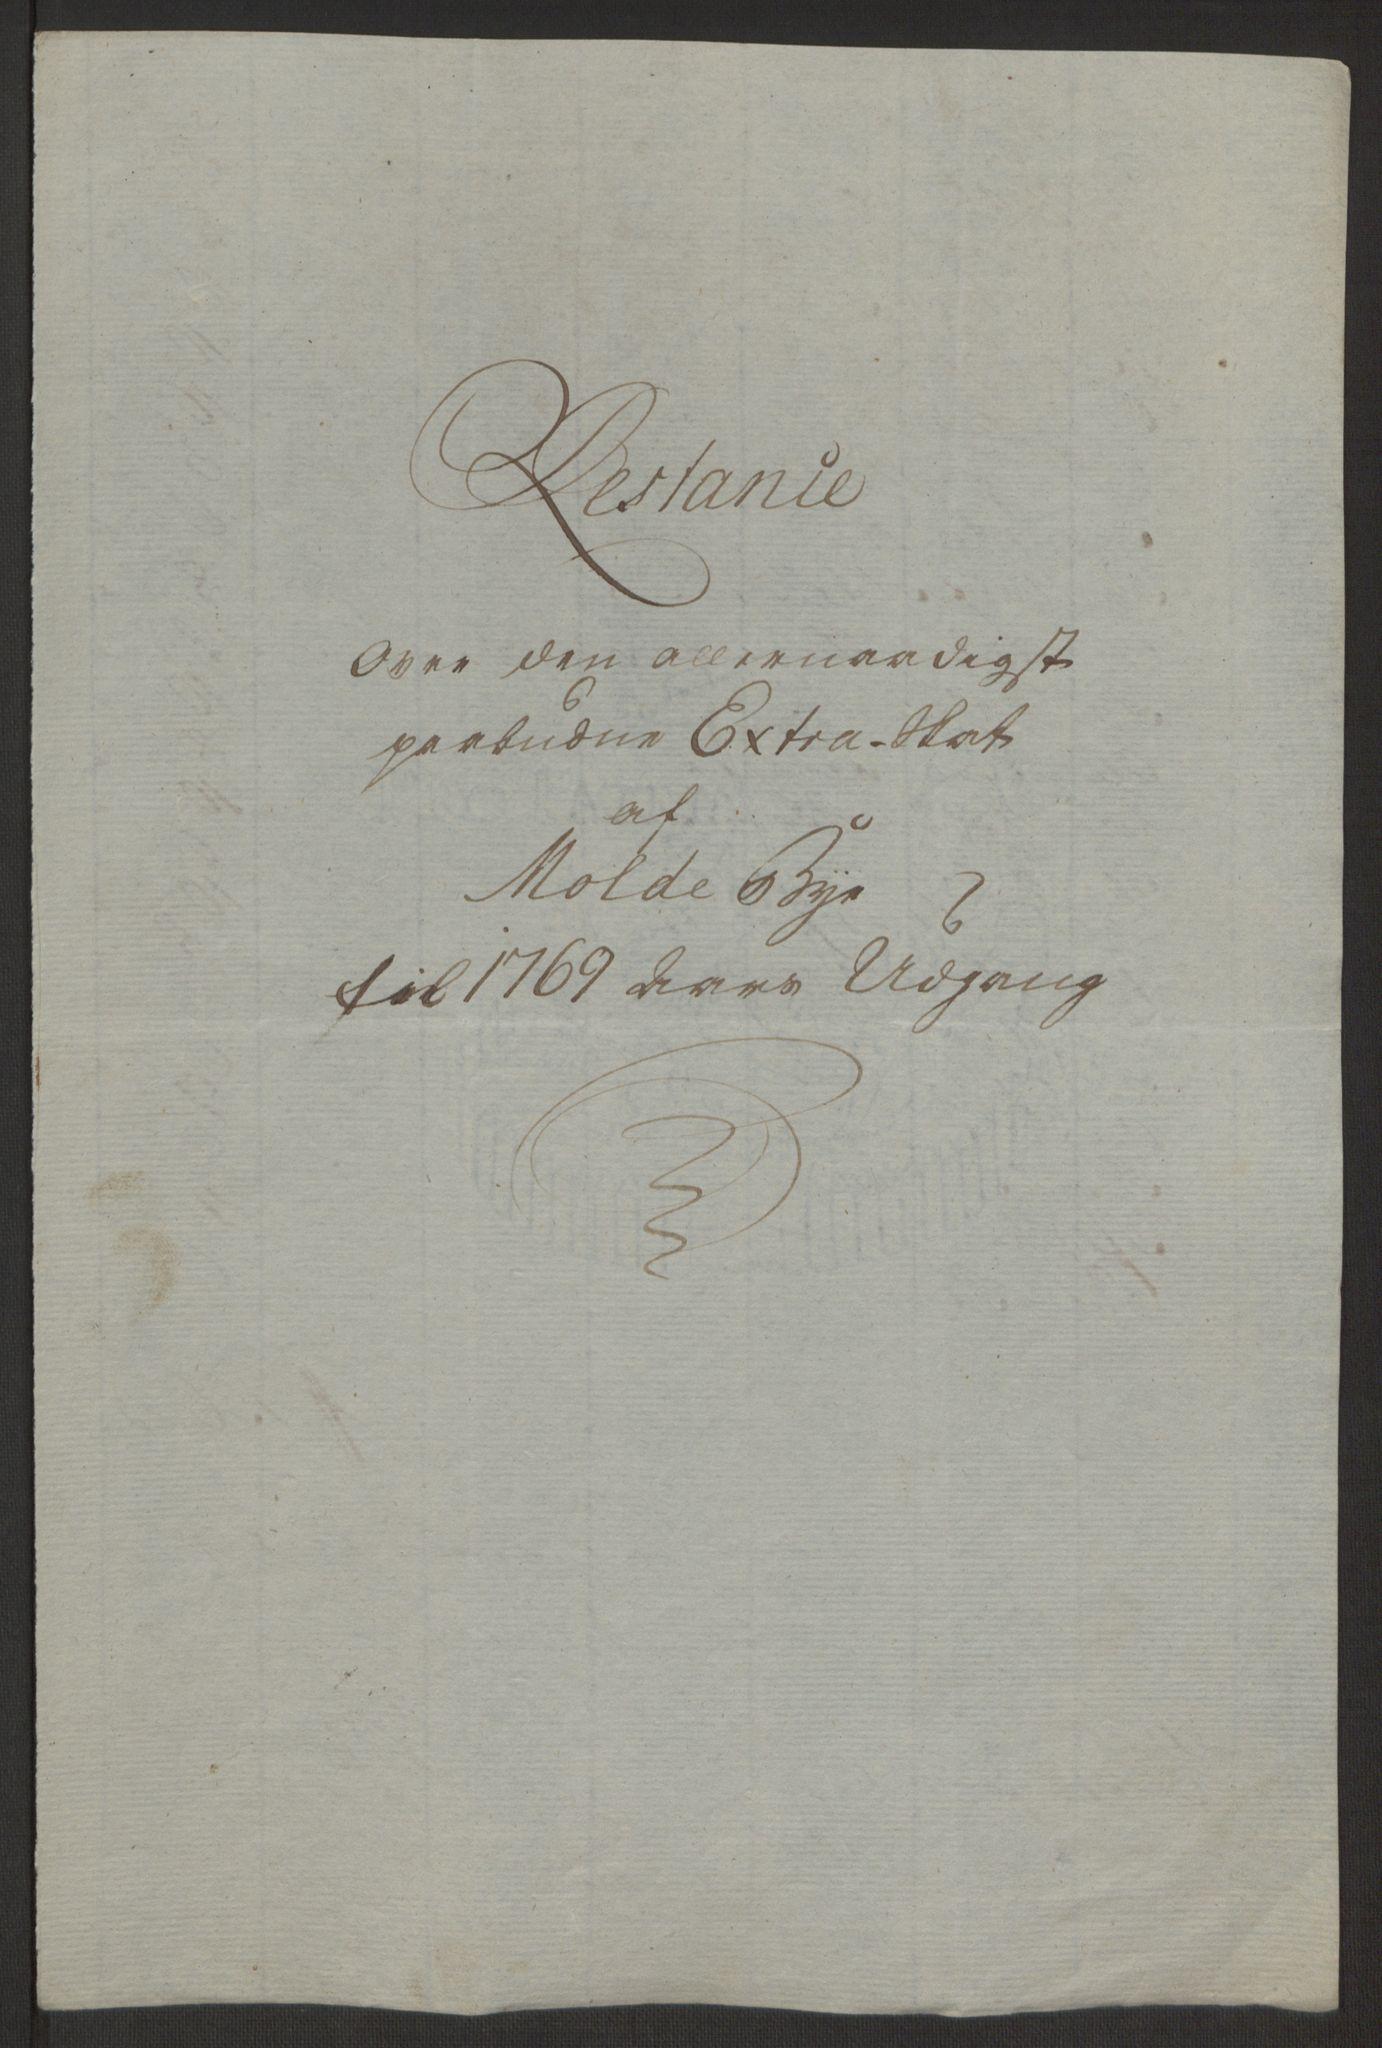 RA, Rentekammeret inntil 1814, Reviderte regnskaper, Byregnskaper, R/Rq/L0487: [Q1] Kontribusjonsregnskap, 1762-1772, s. 179